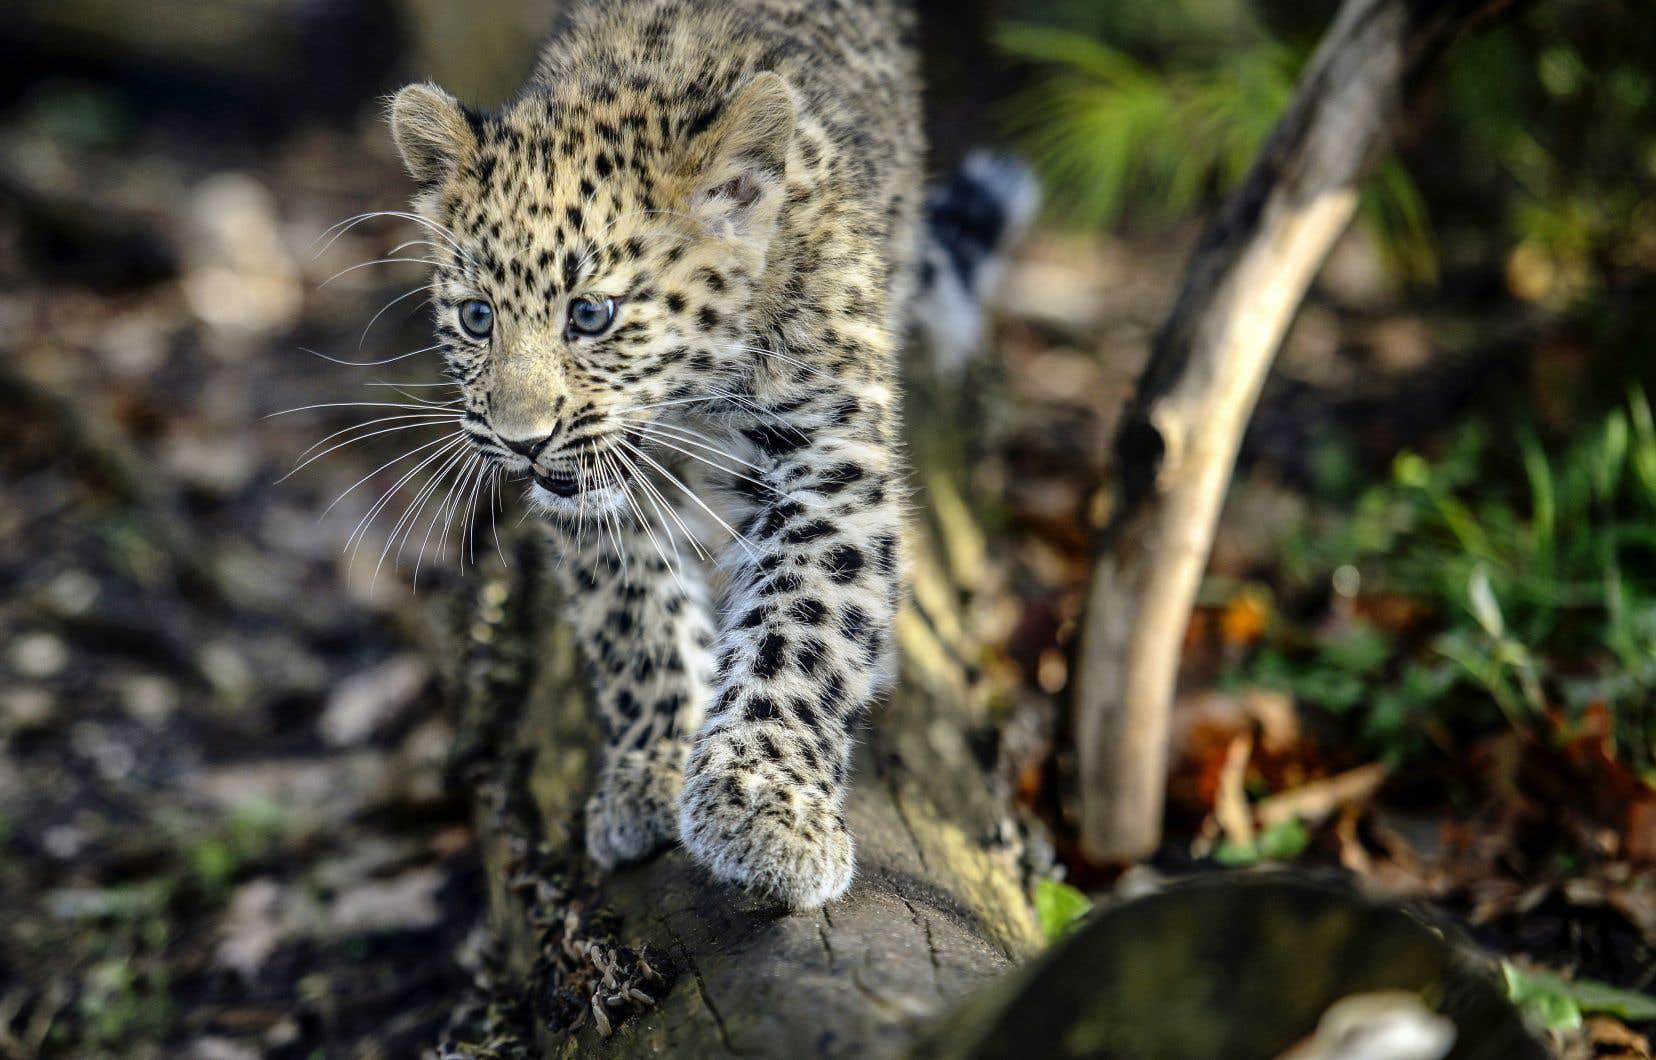 Des milliers d'espèces sont présentement menacées d'extinction. C'est le cas du léopard de l'Amour, une sous-espèce vivant dans le sud-est de la Russie.